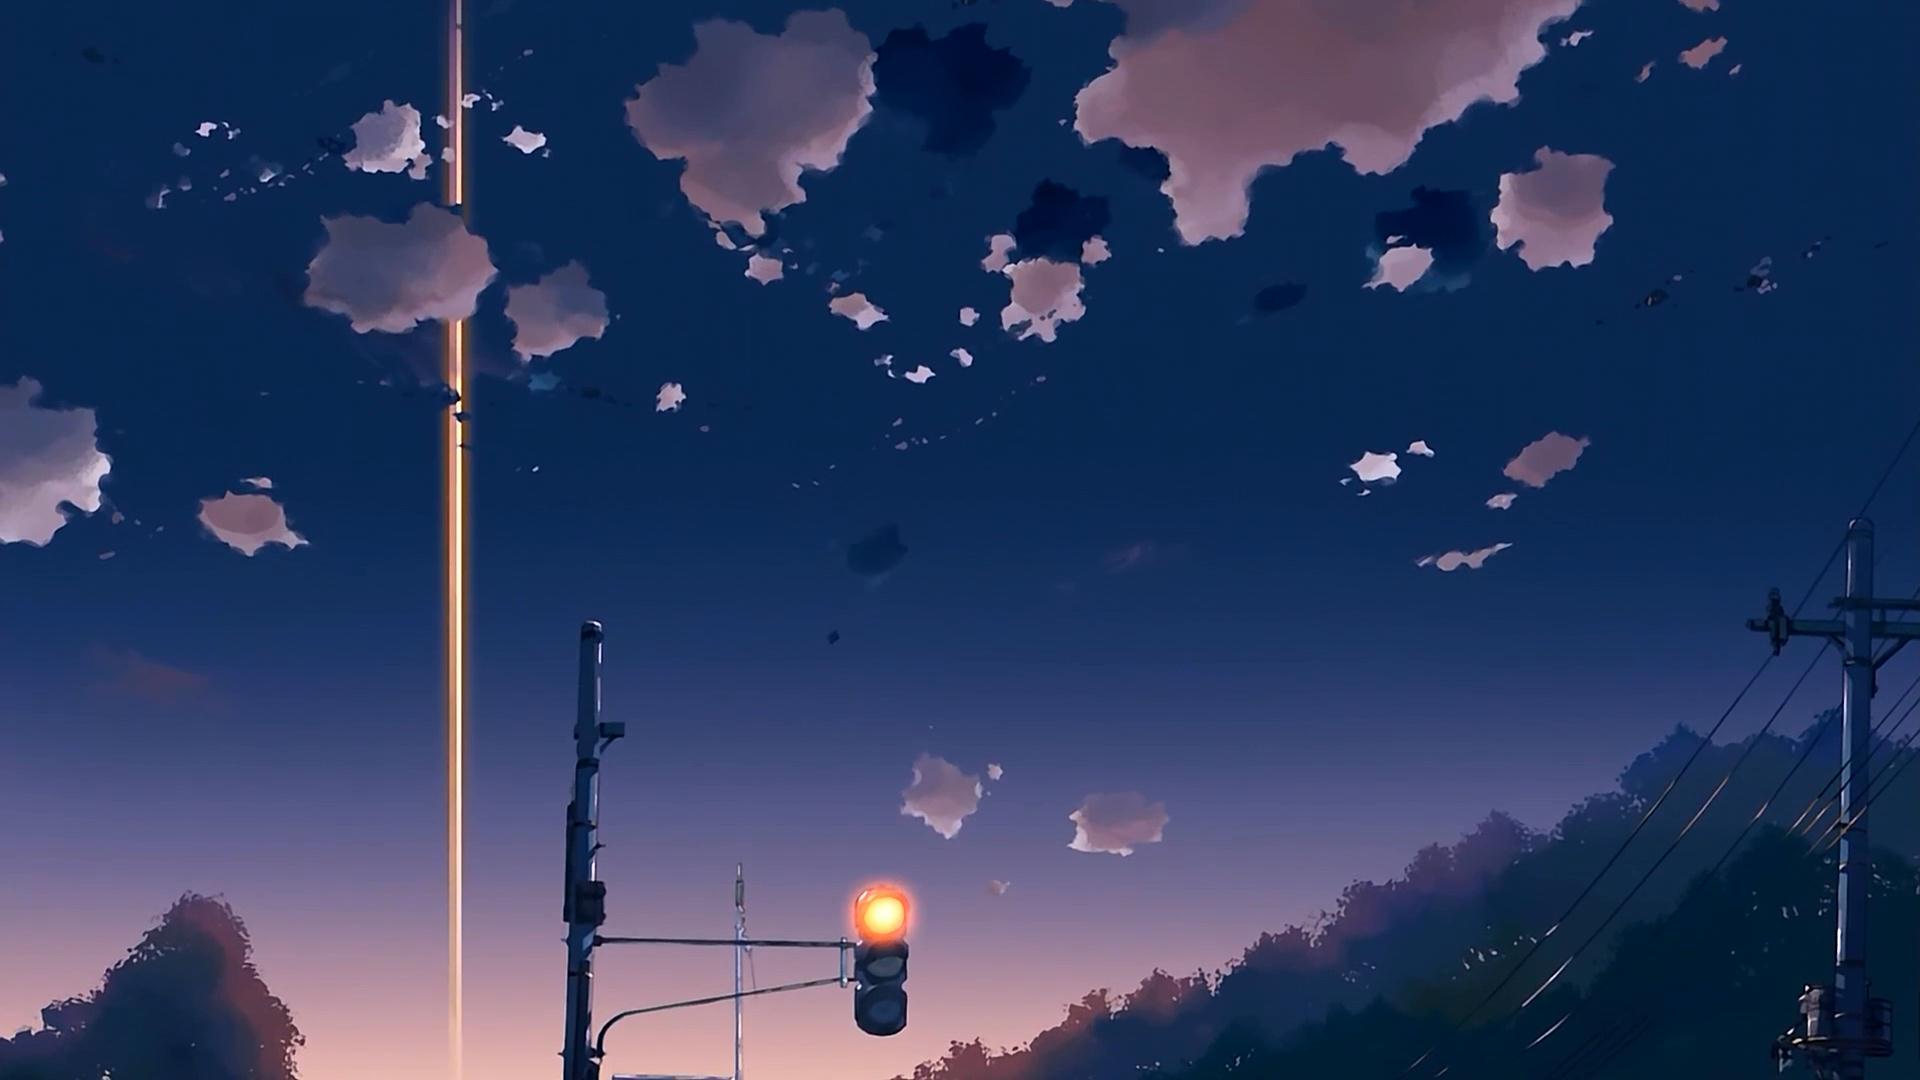 宫崎骏动漫唯美头像_动漫风景壁纸_传说中的杀币图片